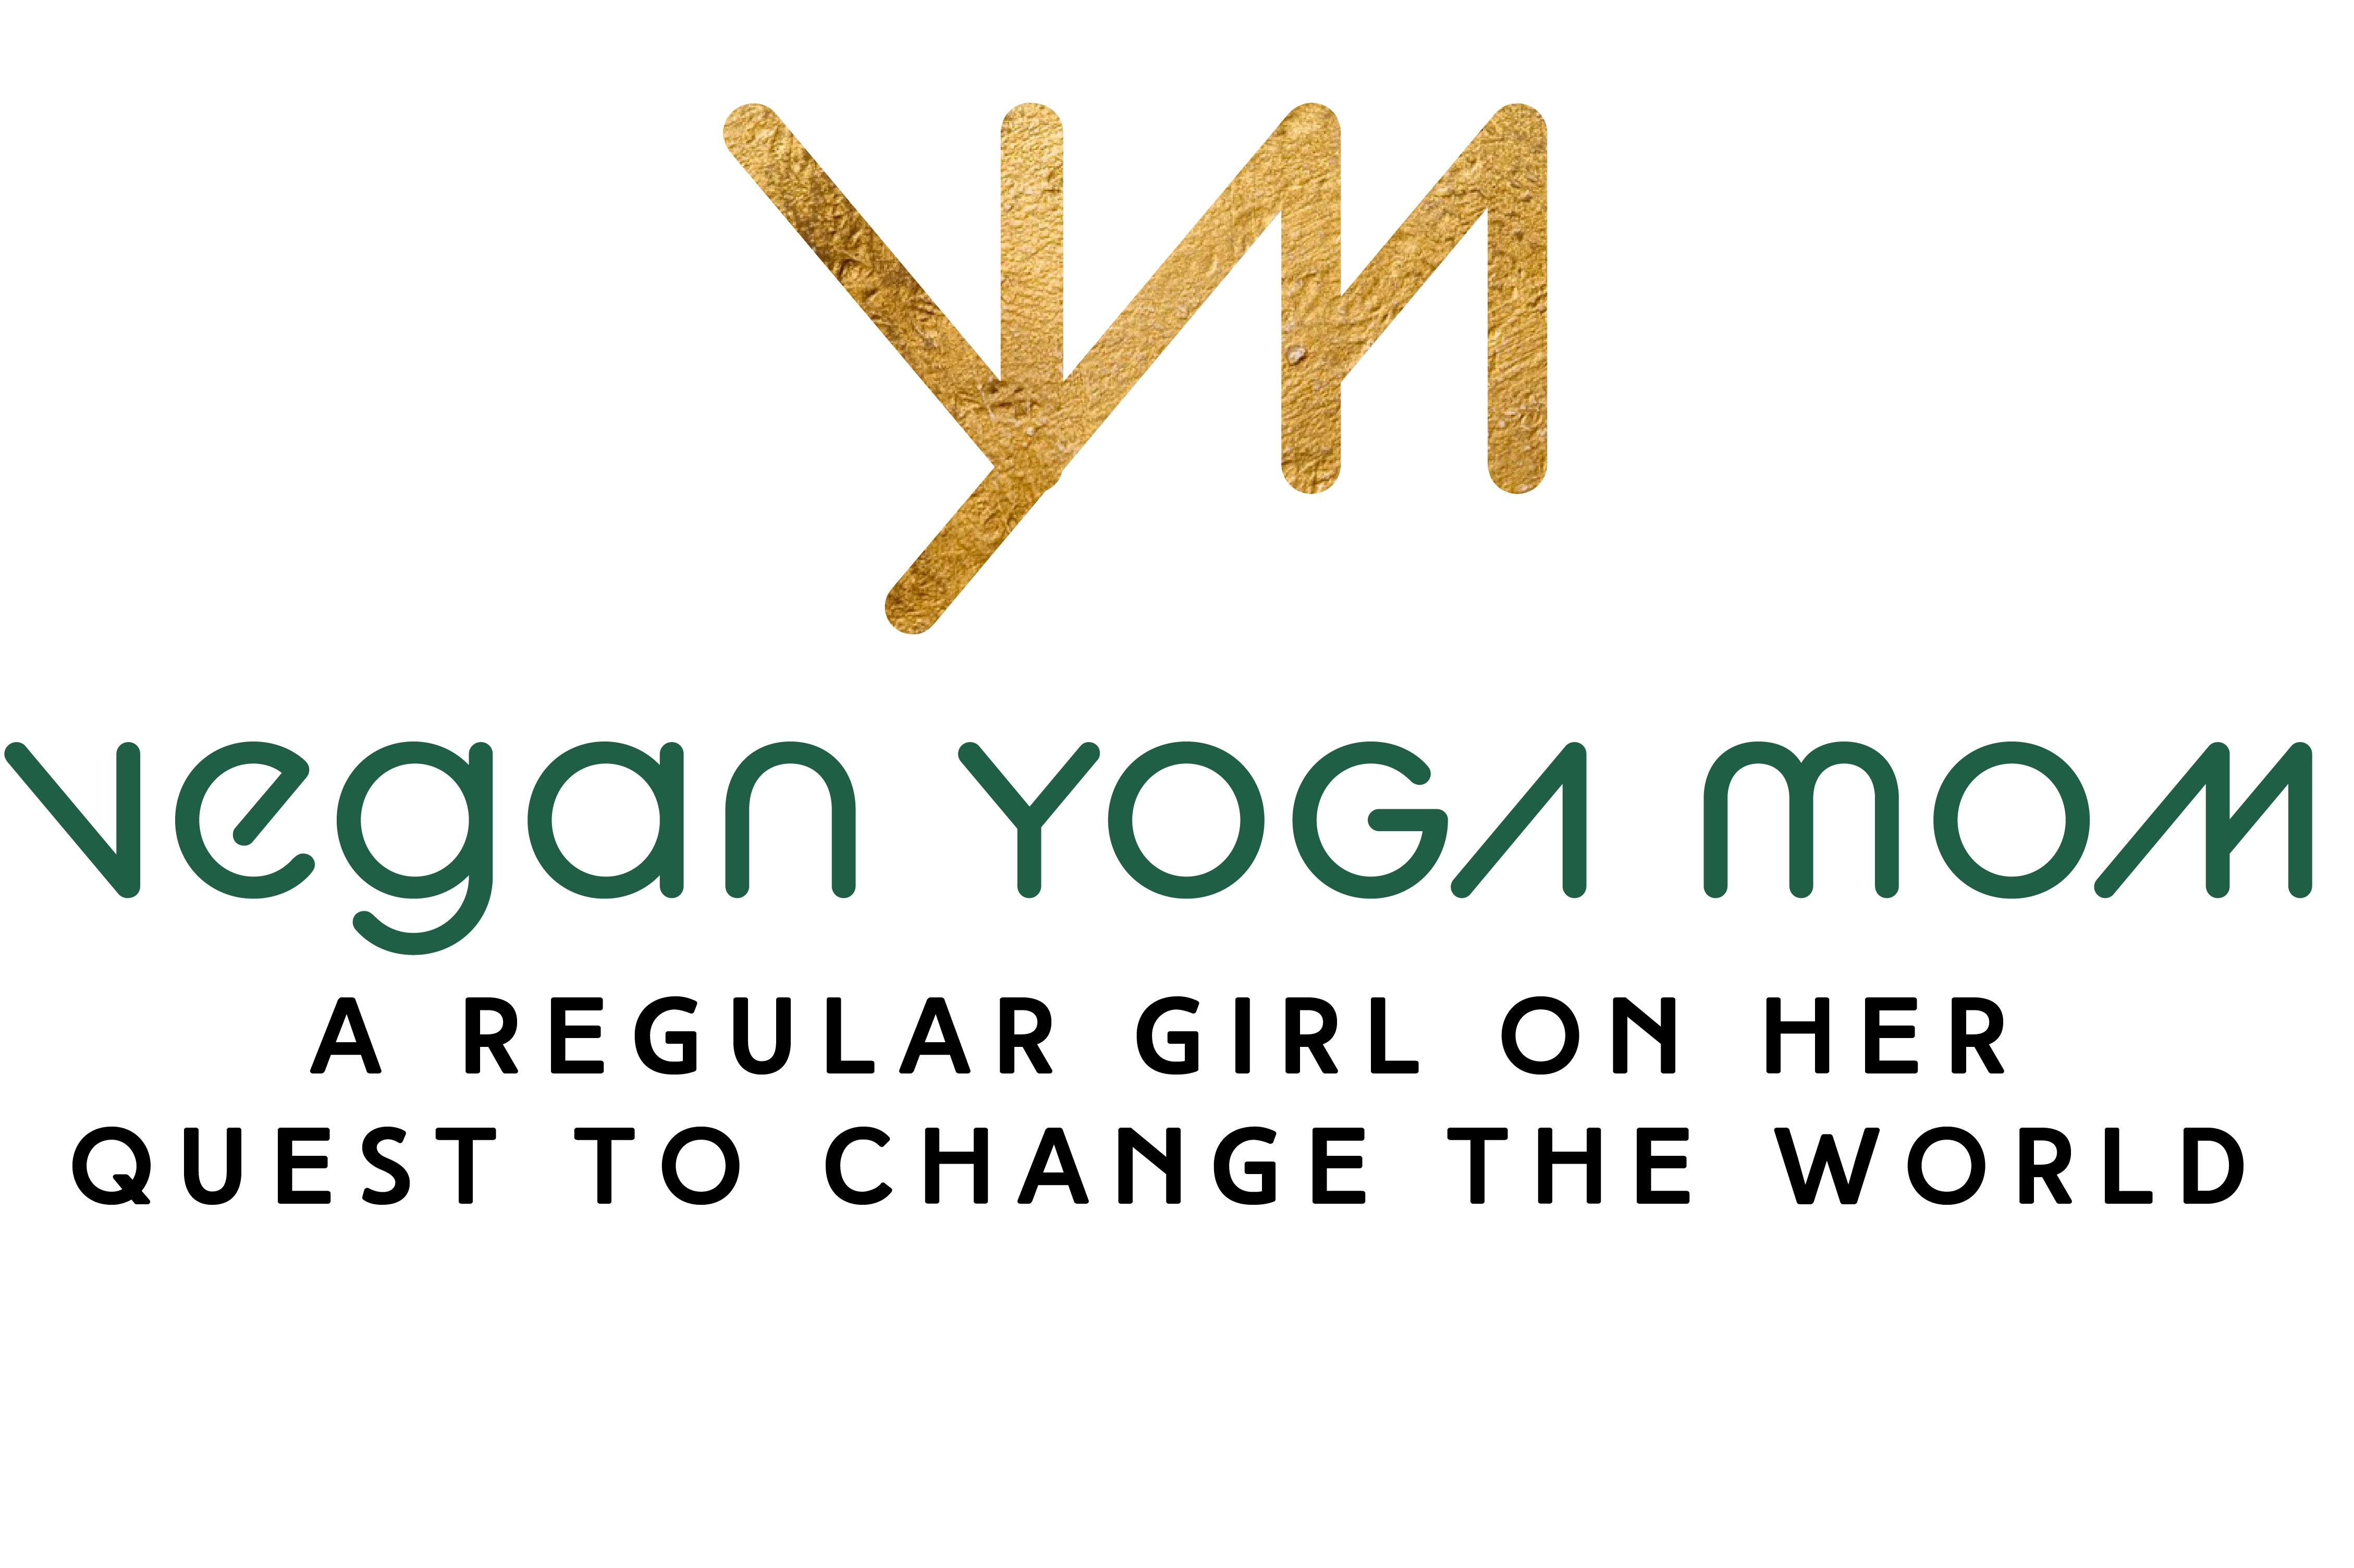 vegan yoga mom